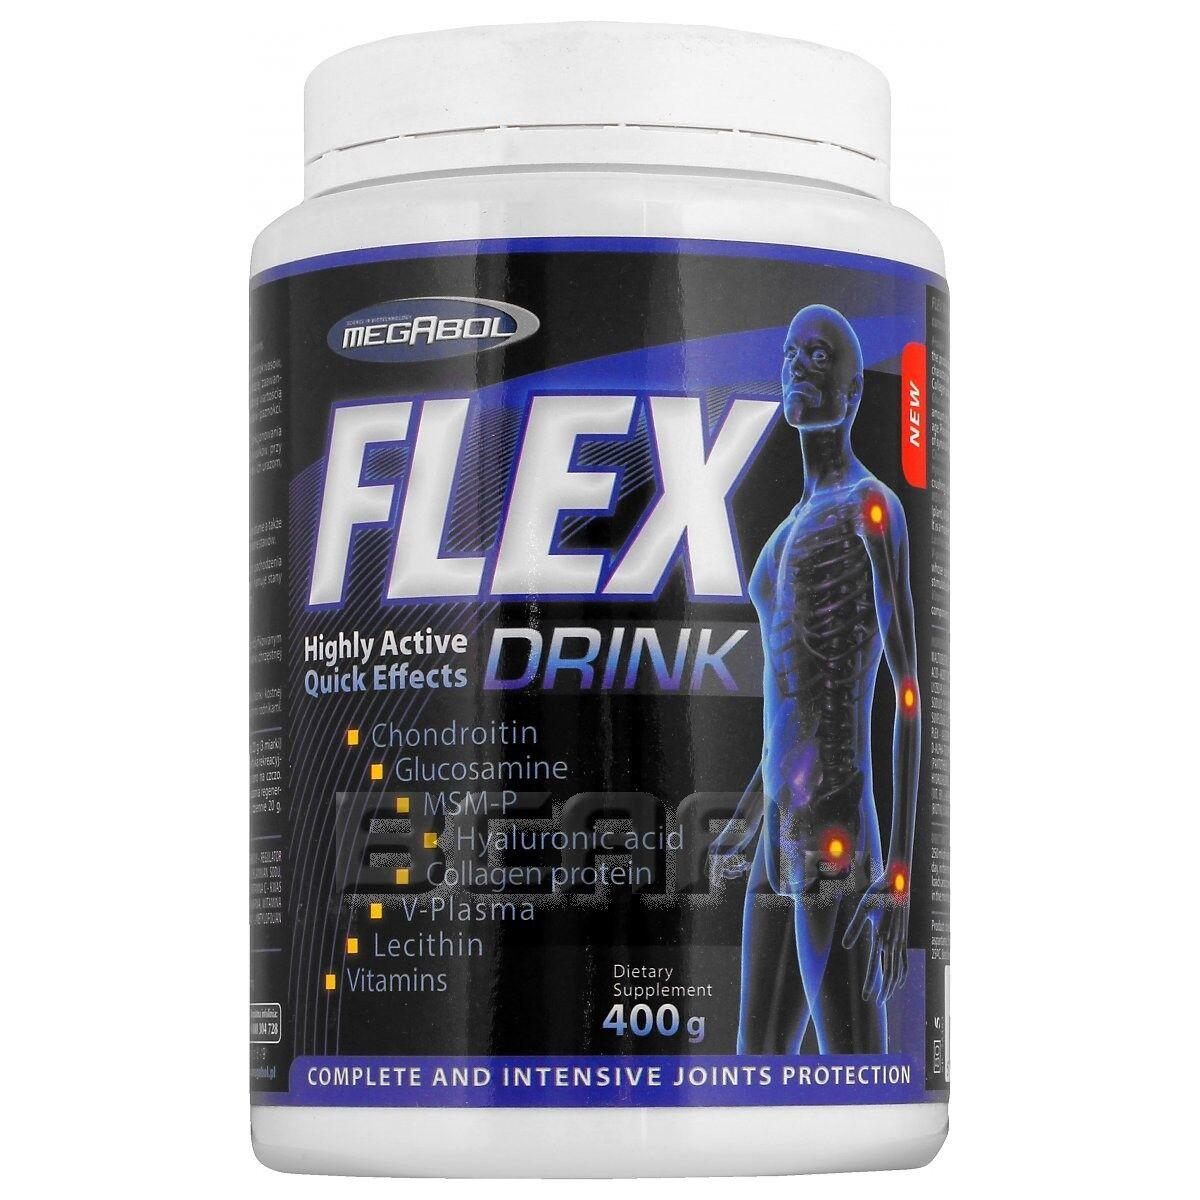 MEGABOL Flexit Drink 400g JOINTS & BONES SUPPORT, COLLAGEN HYDROLYZATE HYDROLYZATE HYDROLYZATE MSM, FLEX 26caff